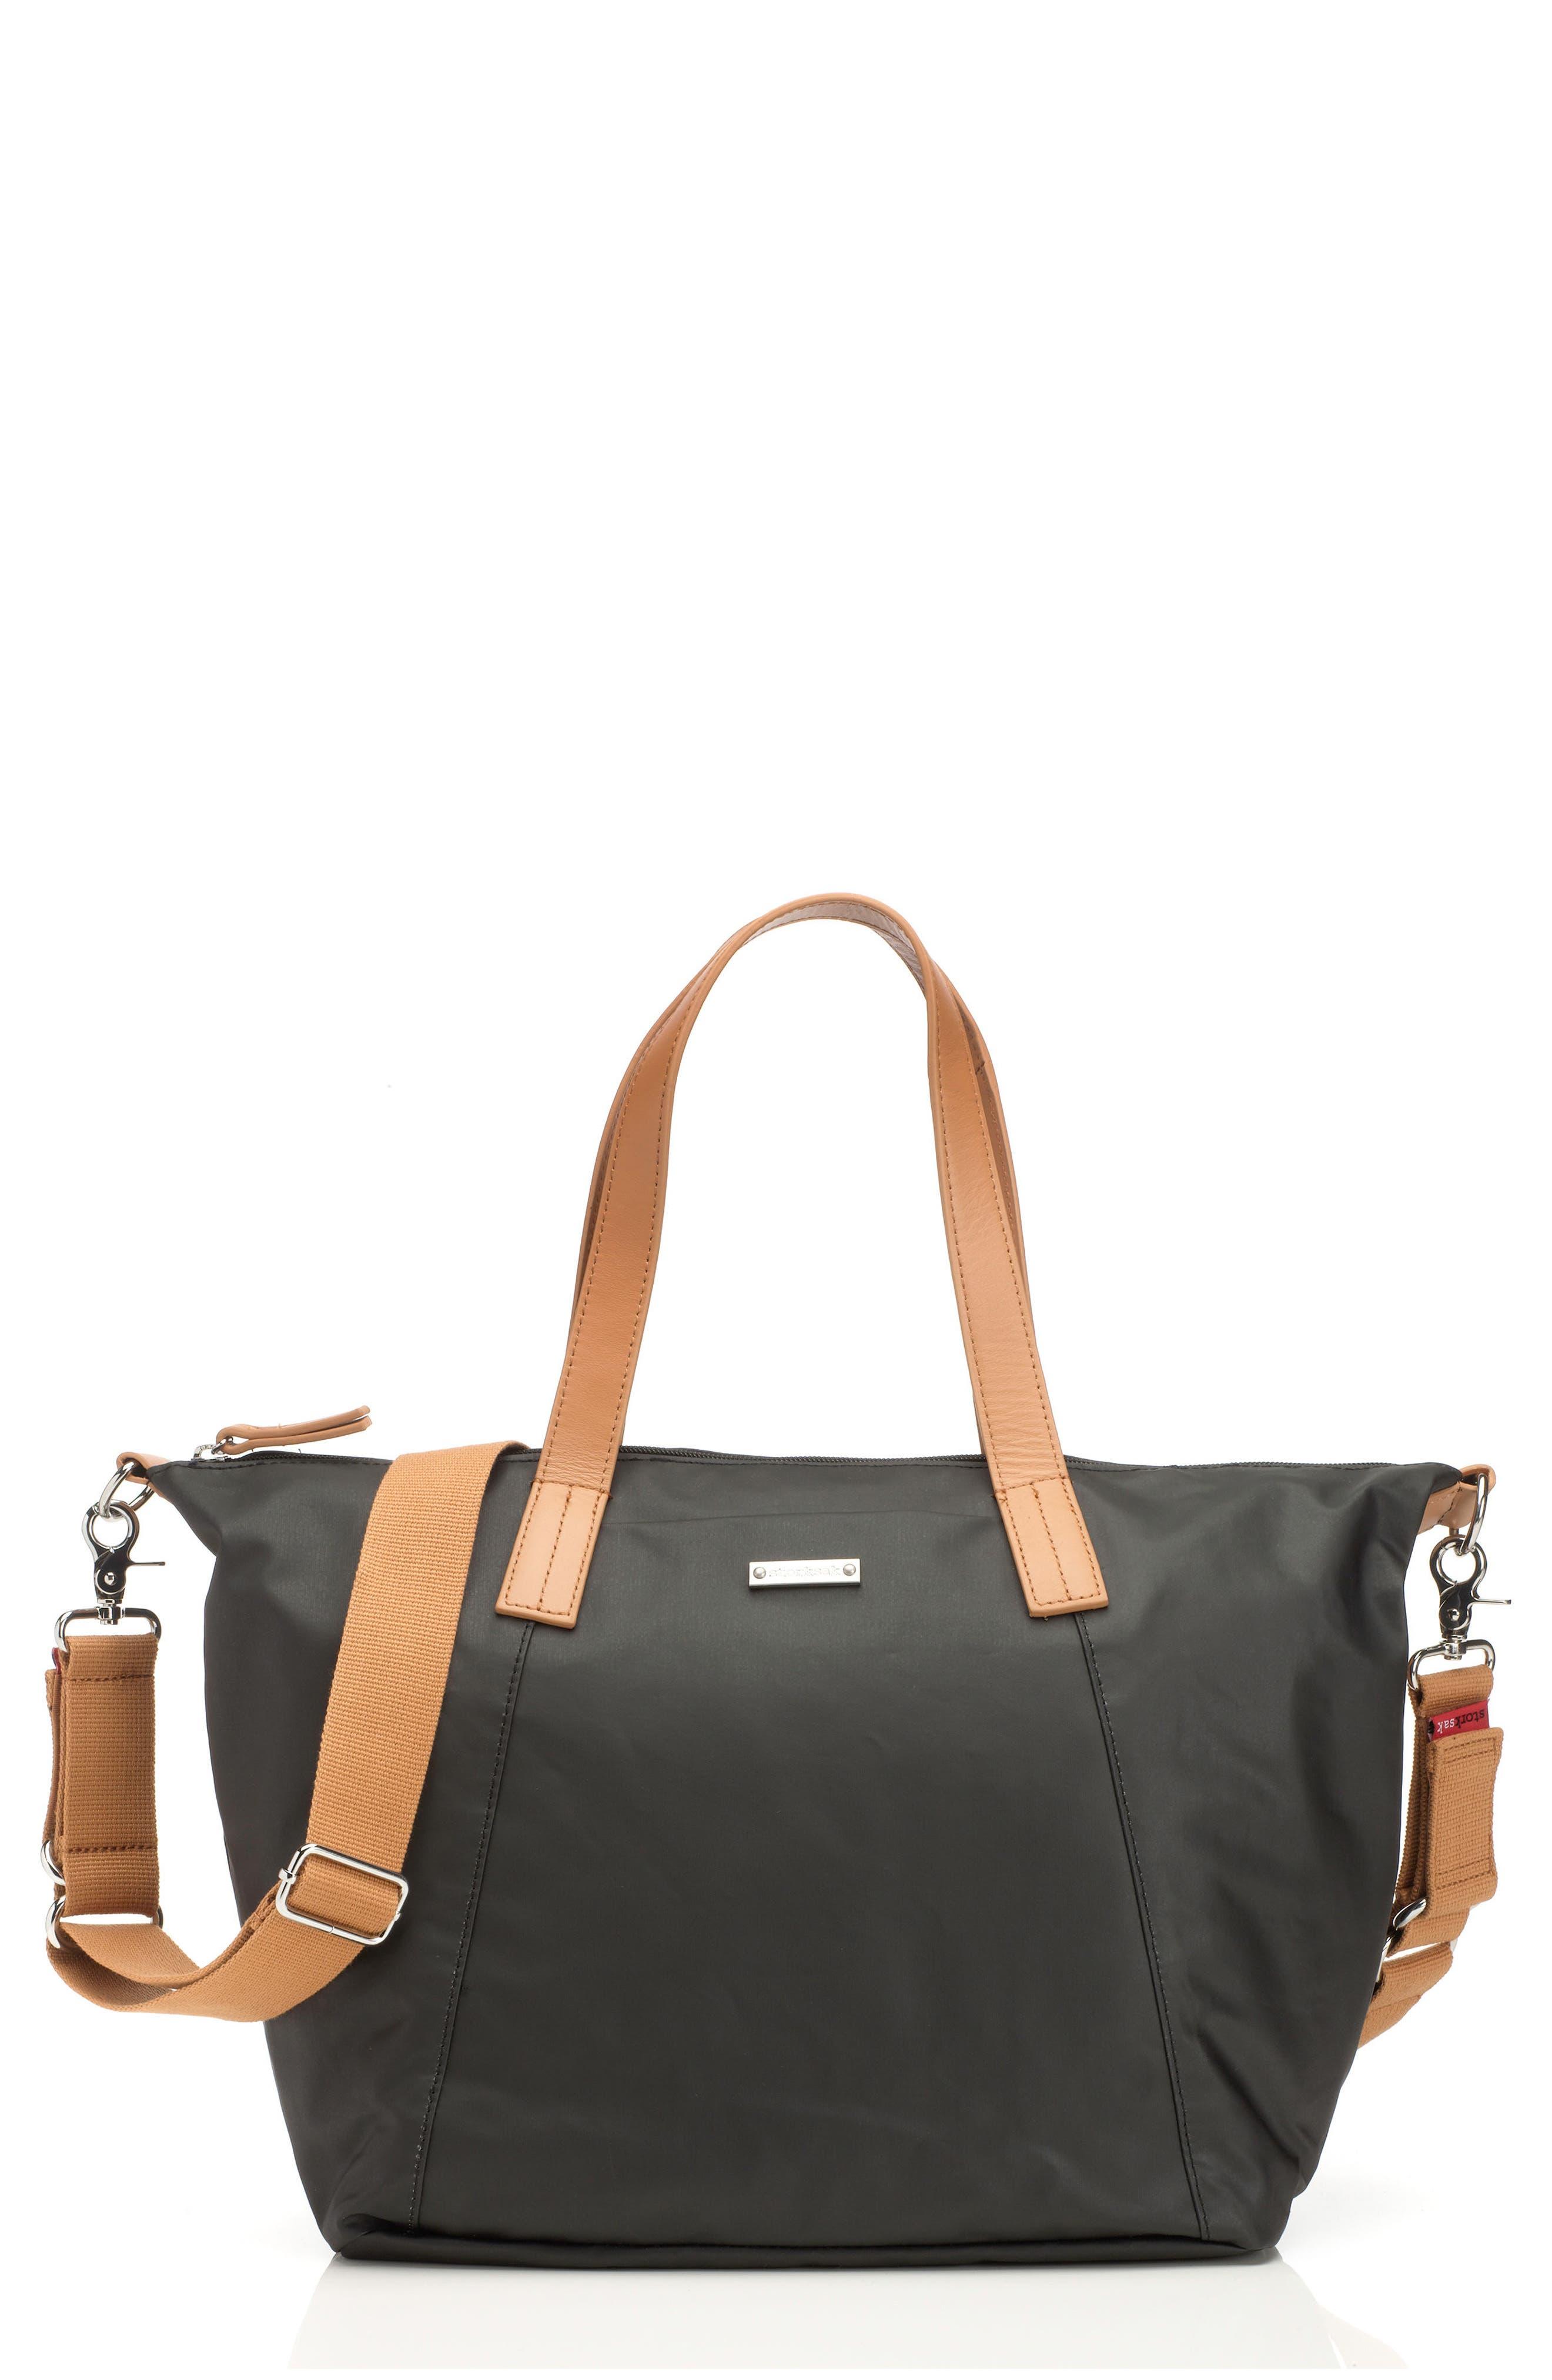 Main Image - Storksak Noa Diaper Bag